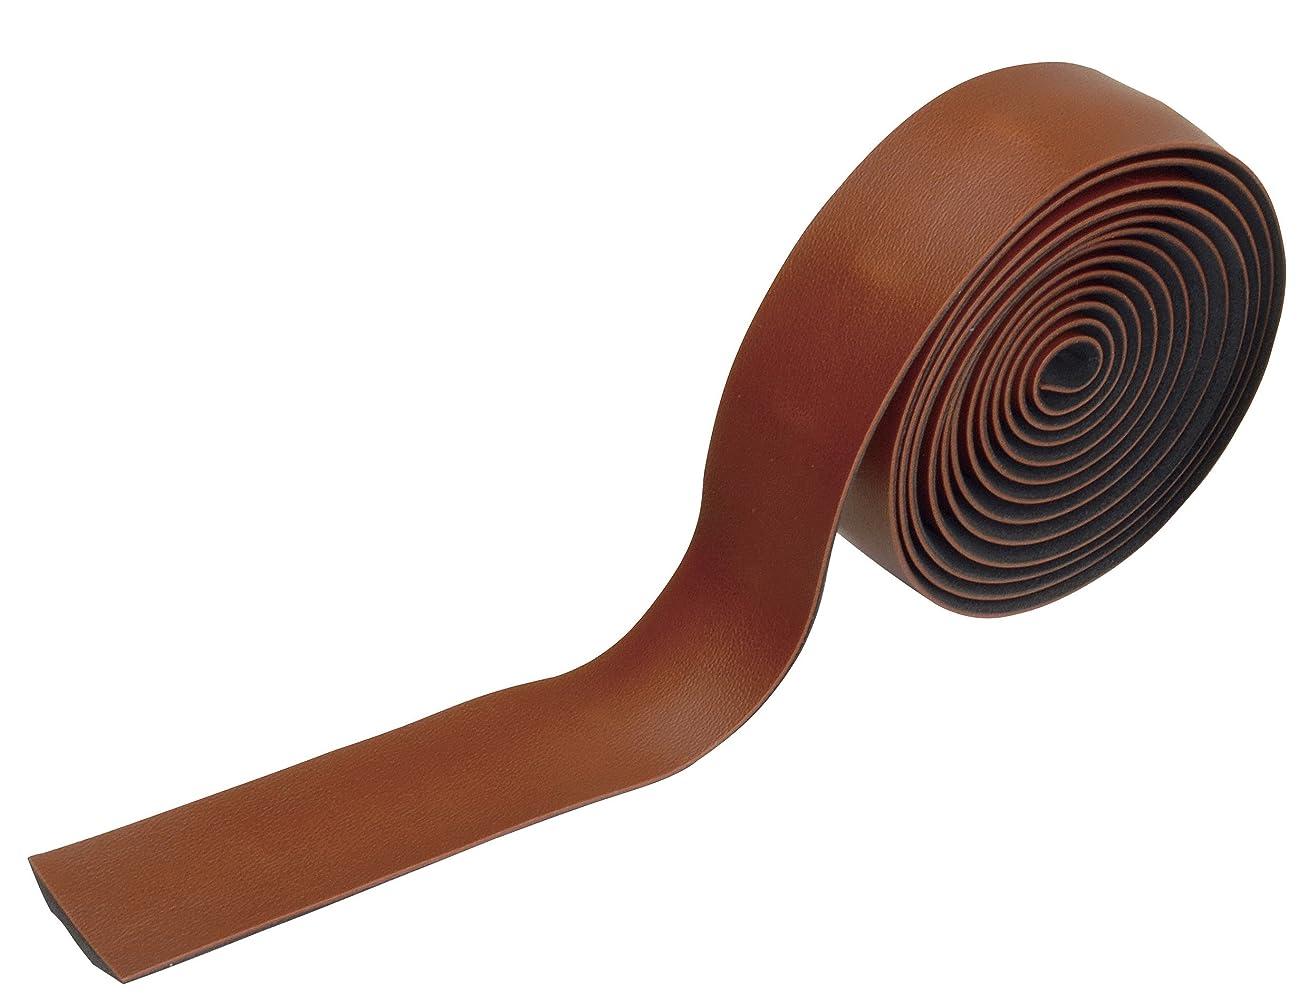 ホテルデジタル手数料GIZA PRODUCTS(ギザプロダクツ) レザーバーテープ ブラウン HBT01501